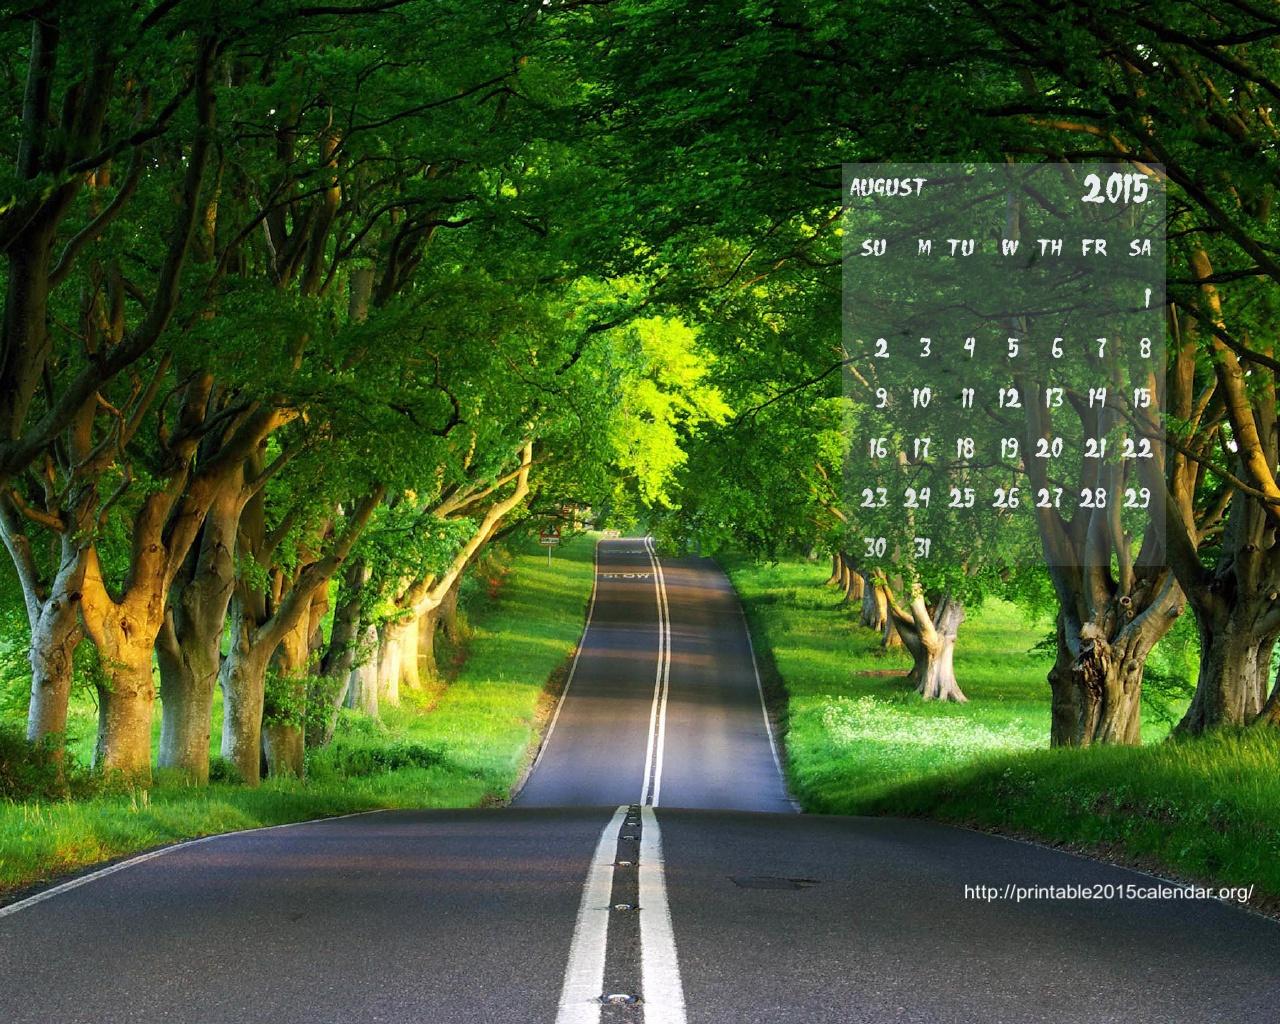 May 2015 Calendar Wallpaper 2015 Calendar 1280x1024